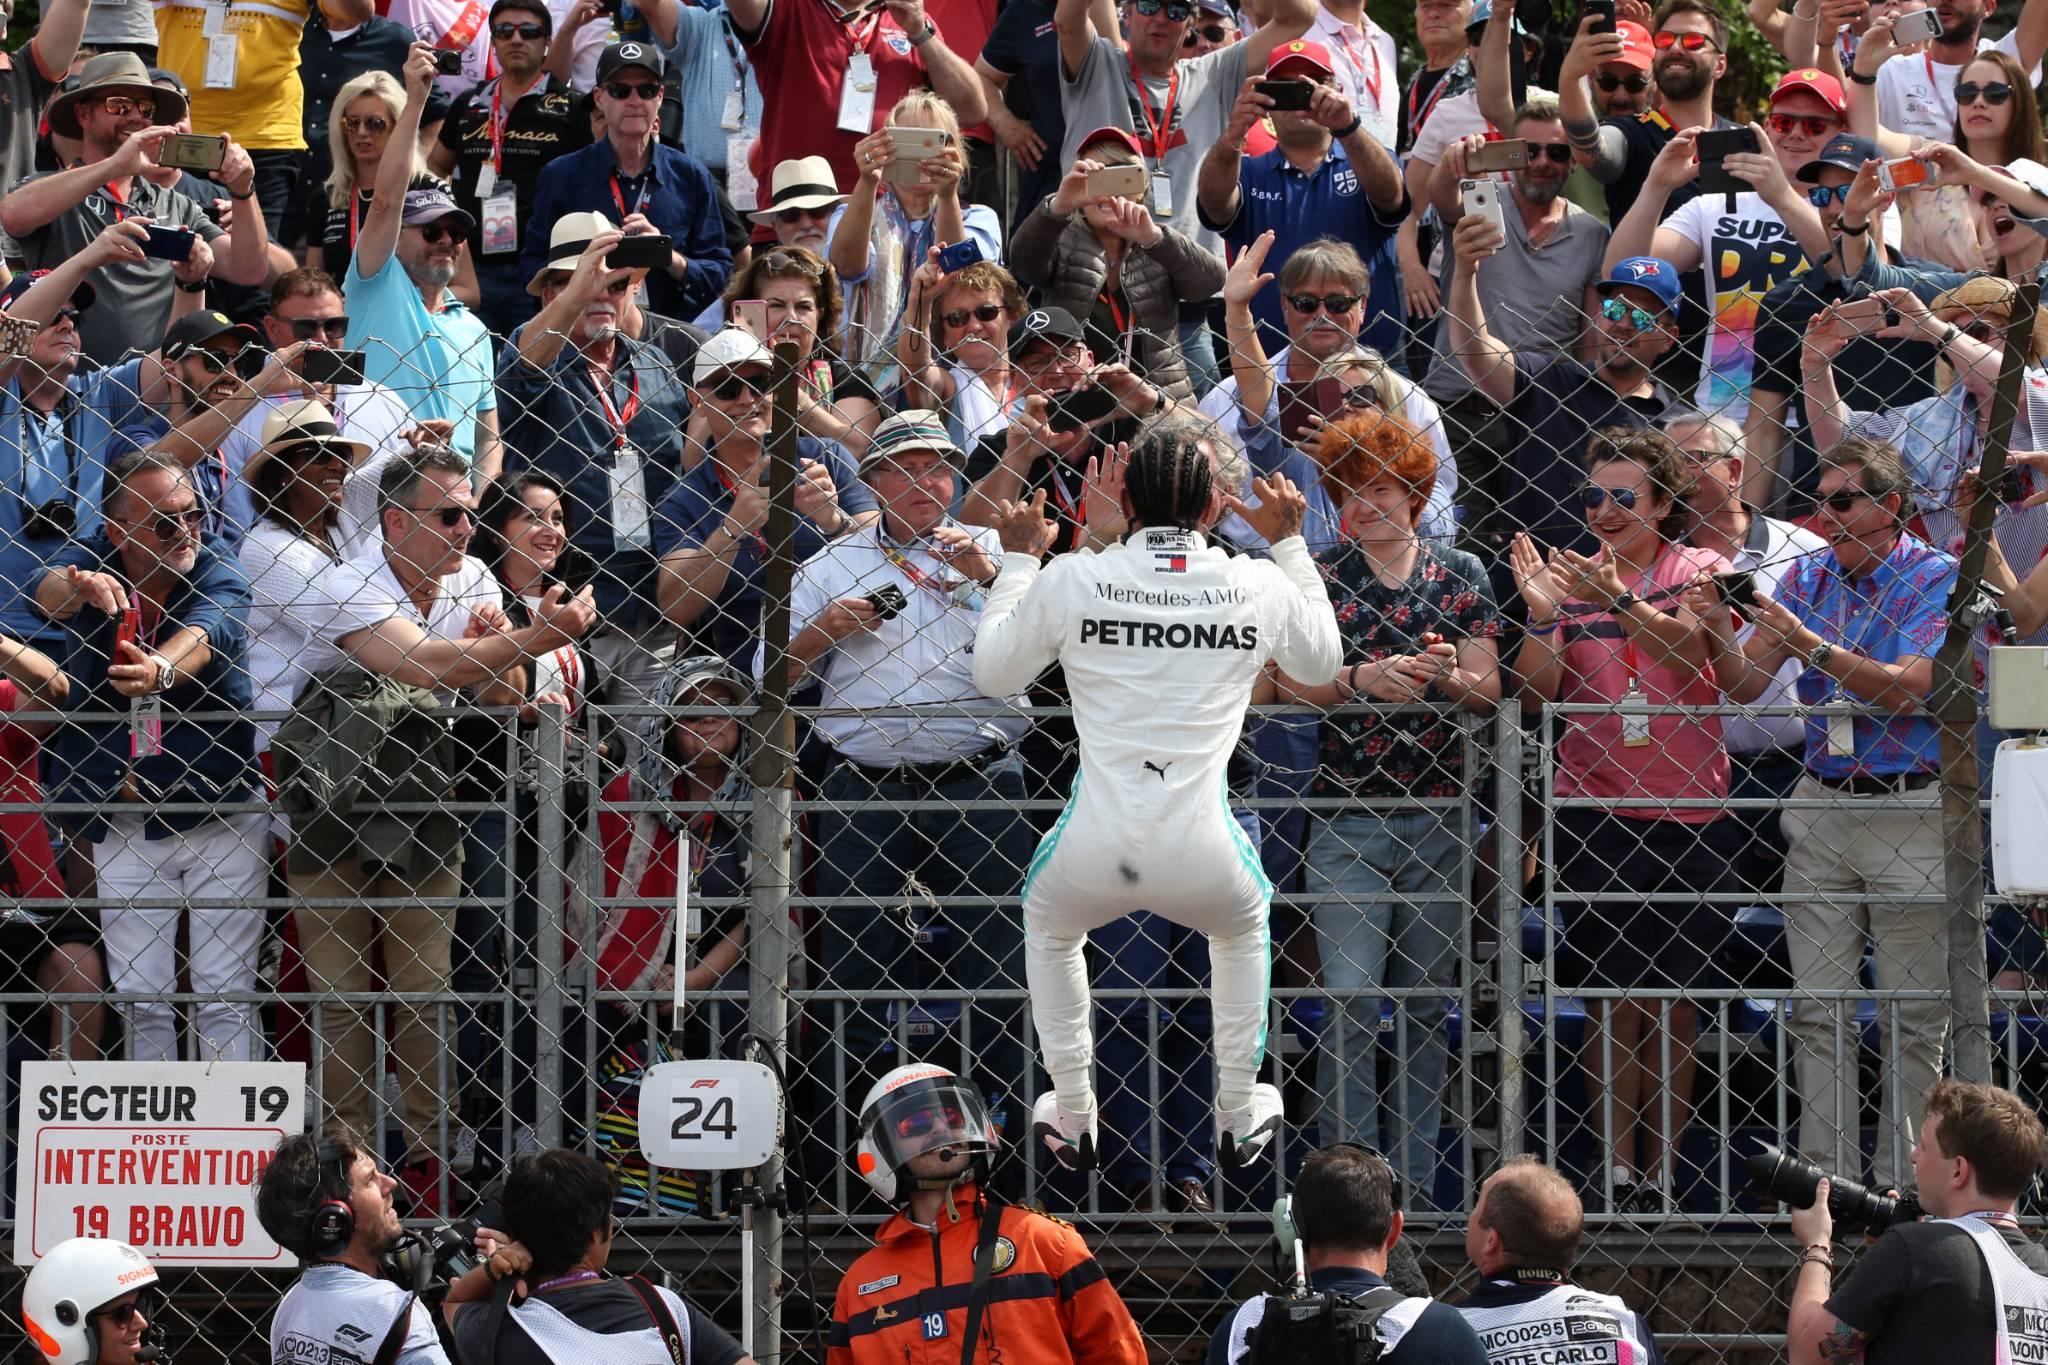 25.05.2019 - Qualifying, Lewis Hamilton (GBR) Mercedes AMG F1 W10 pole position